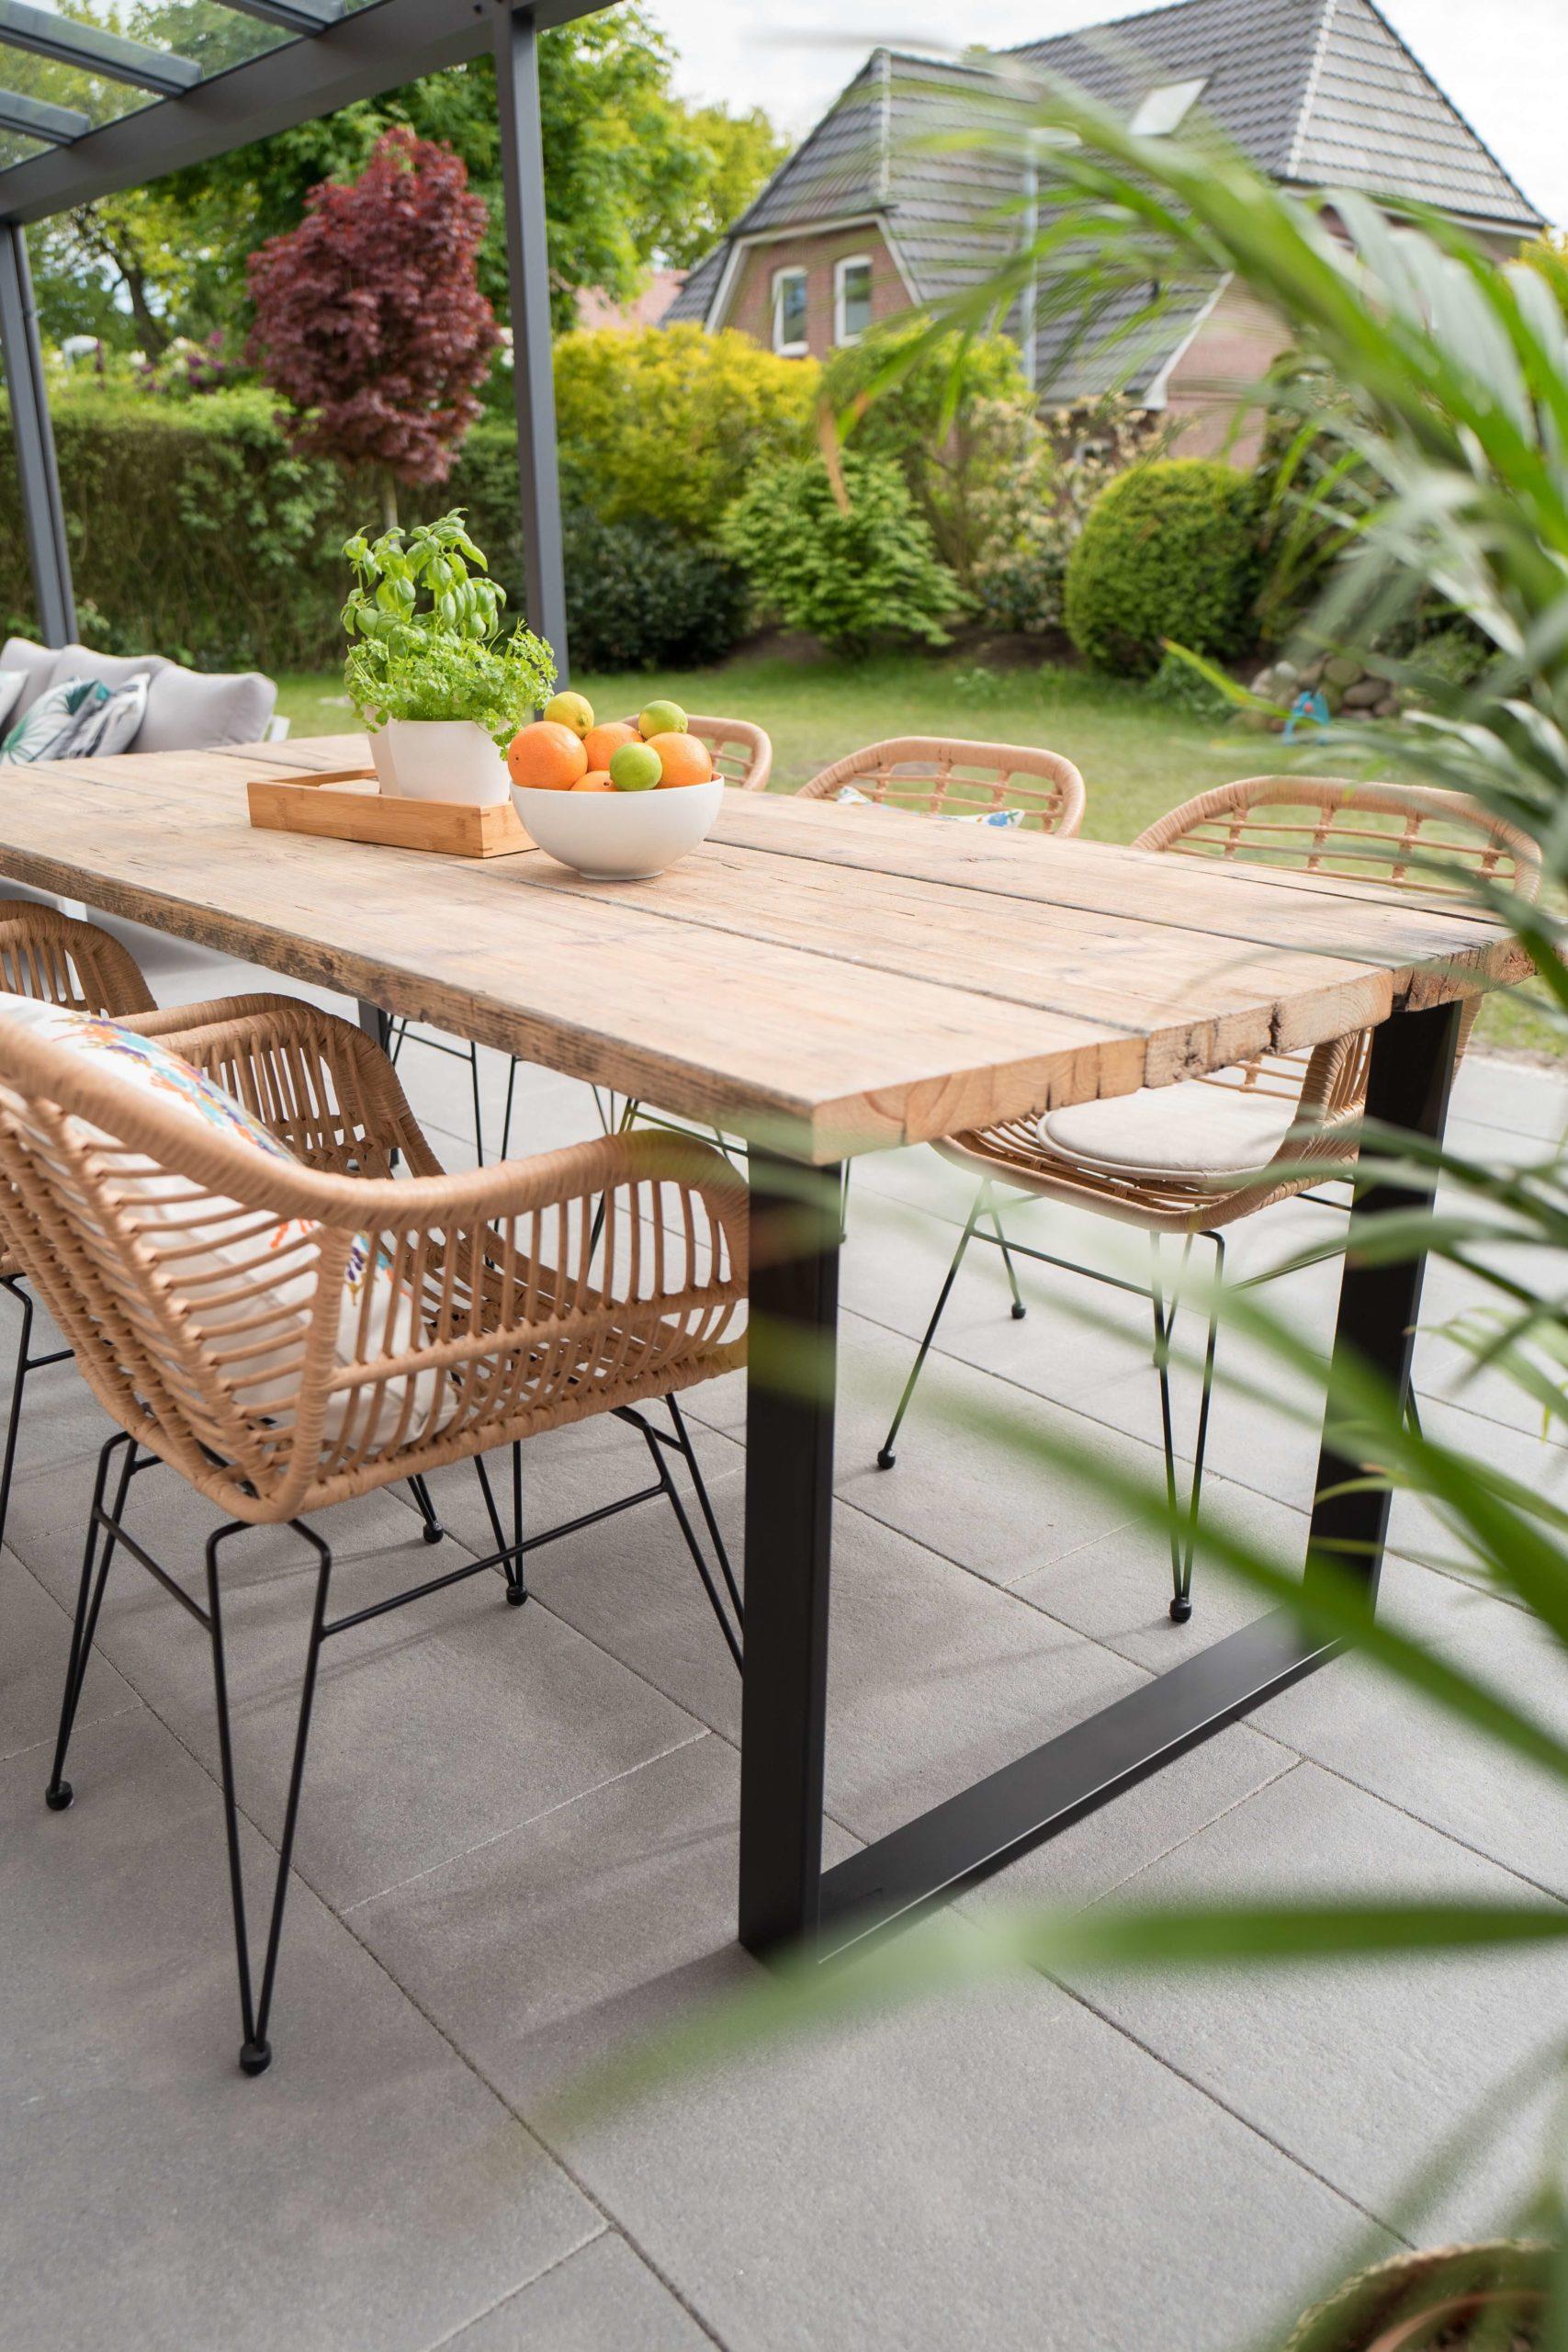 découvrez les composites de terrasse par une entreprise francaise qui intervient proche de oulogne-Billancourt, Neuilly-sur-Seine, Saint-Germain-en-Laye et paris. Un terrassement sur mesure